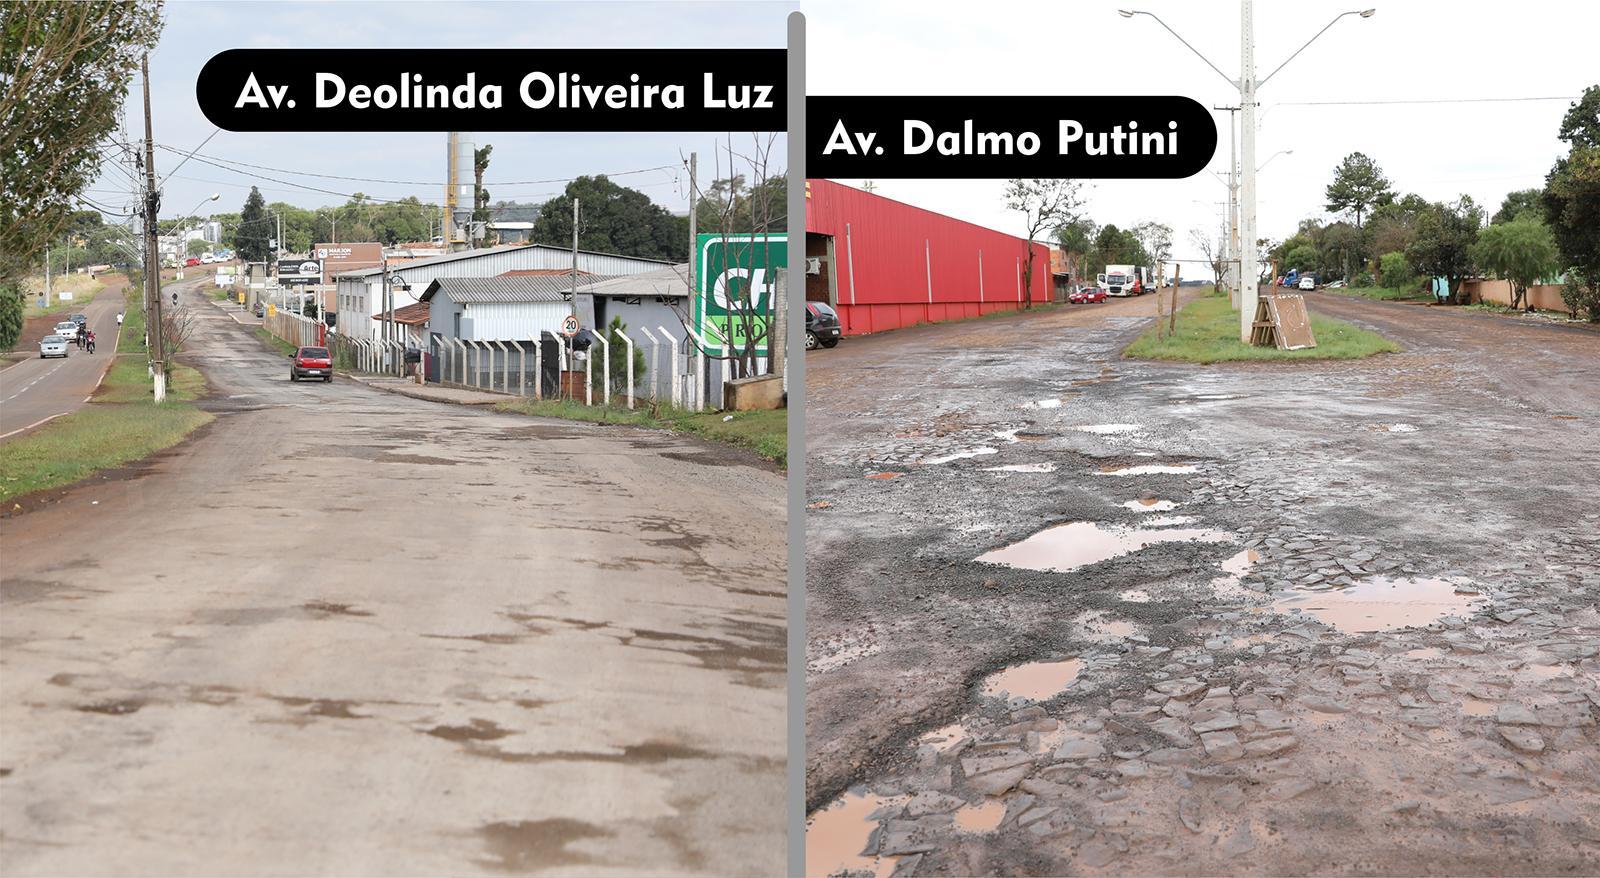 Autorizada licitação para recape asfáltico das Avenidas Deolinda da Luz e Dalmo Putini